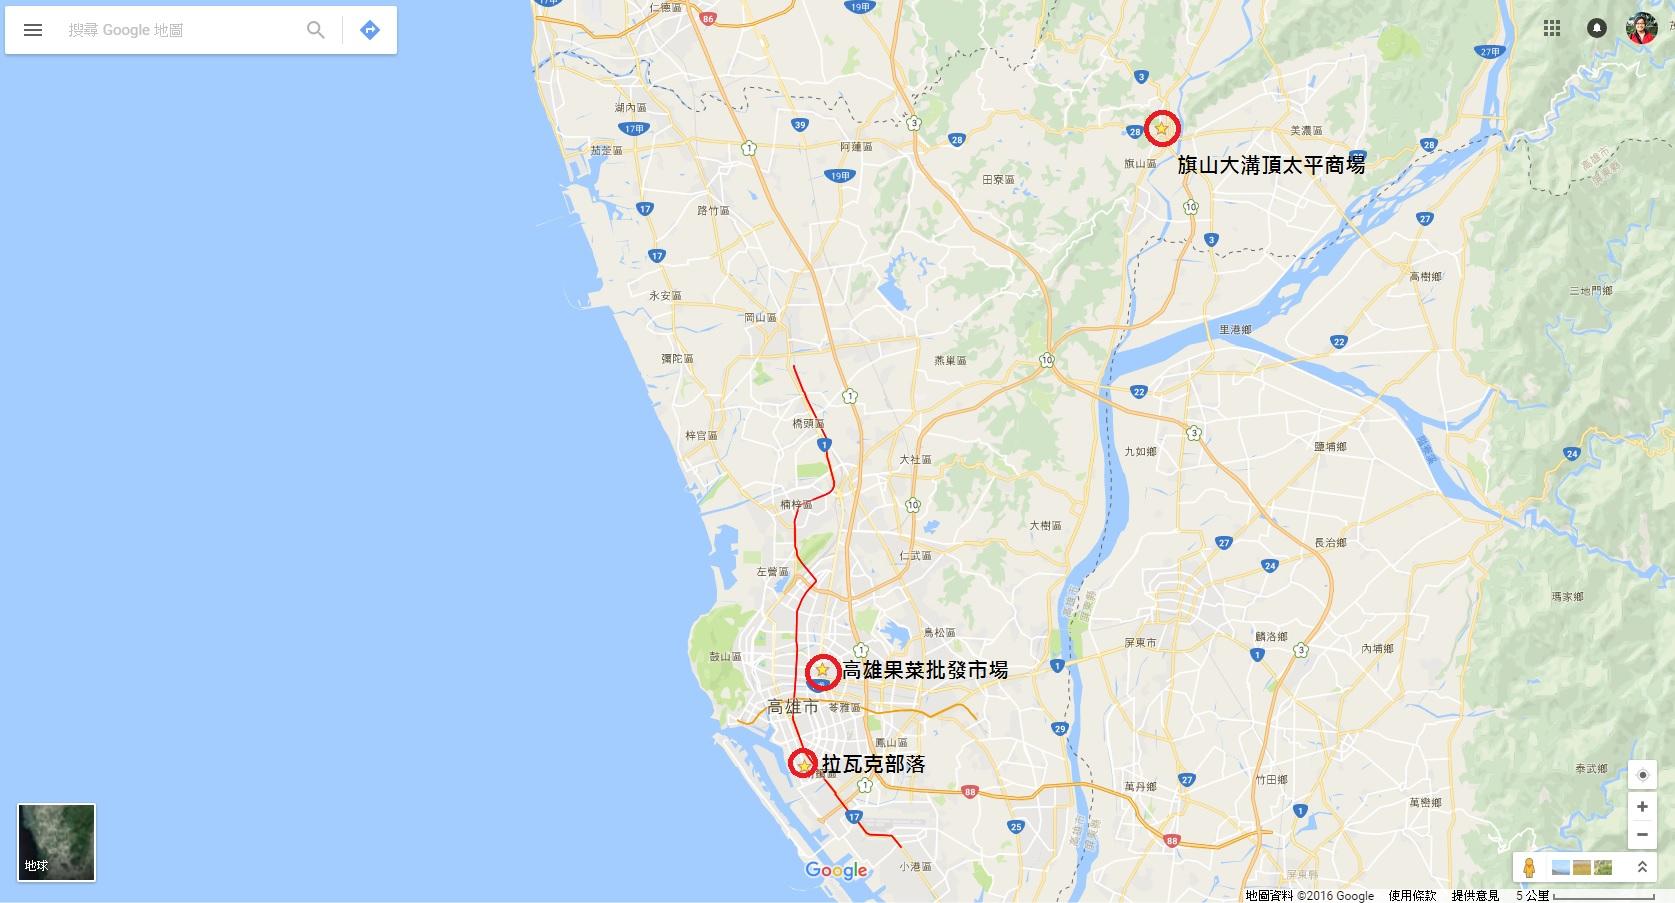 160810-2 map